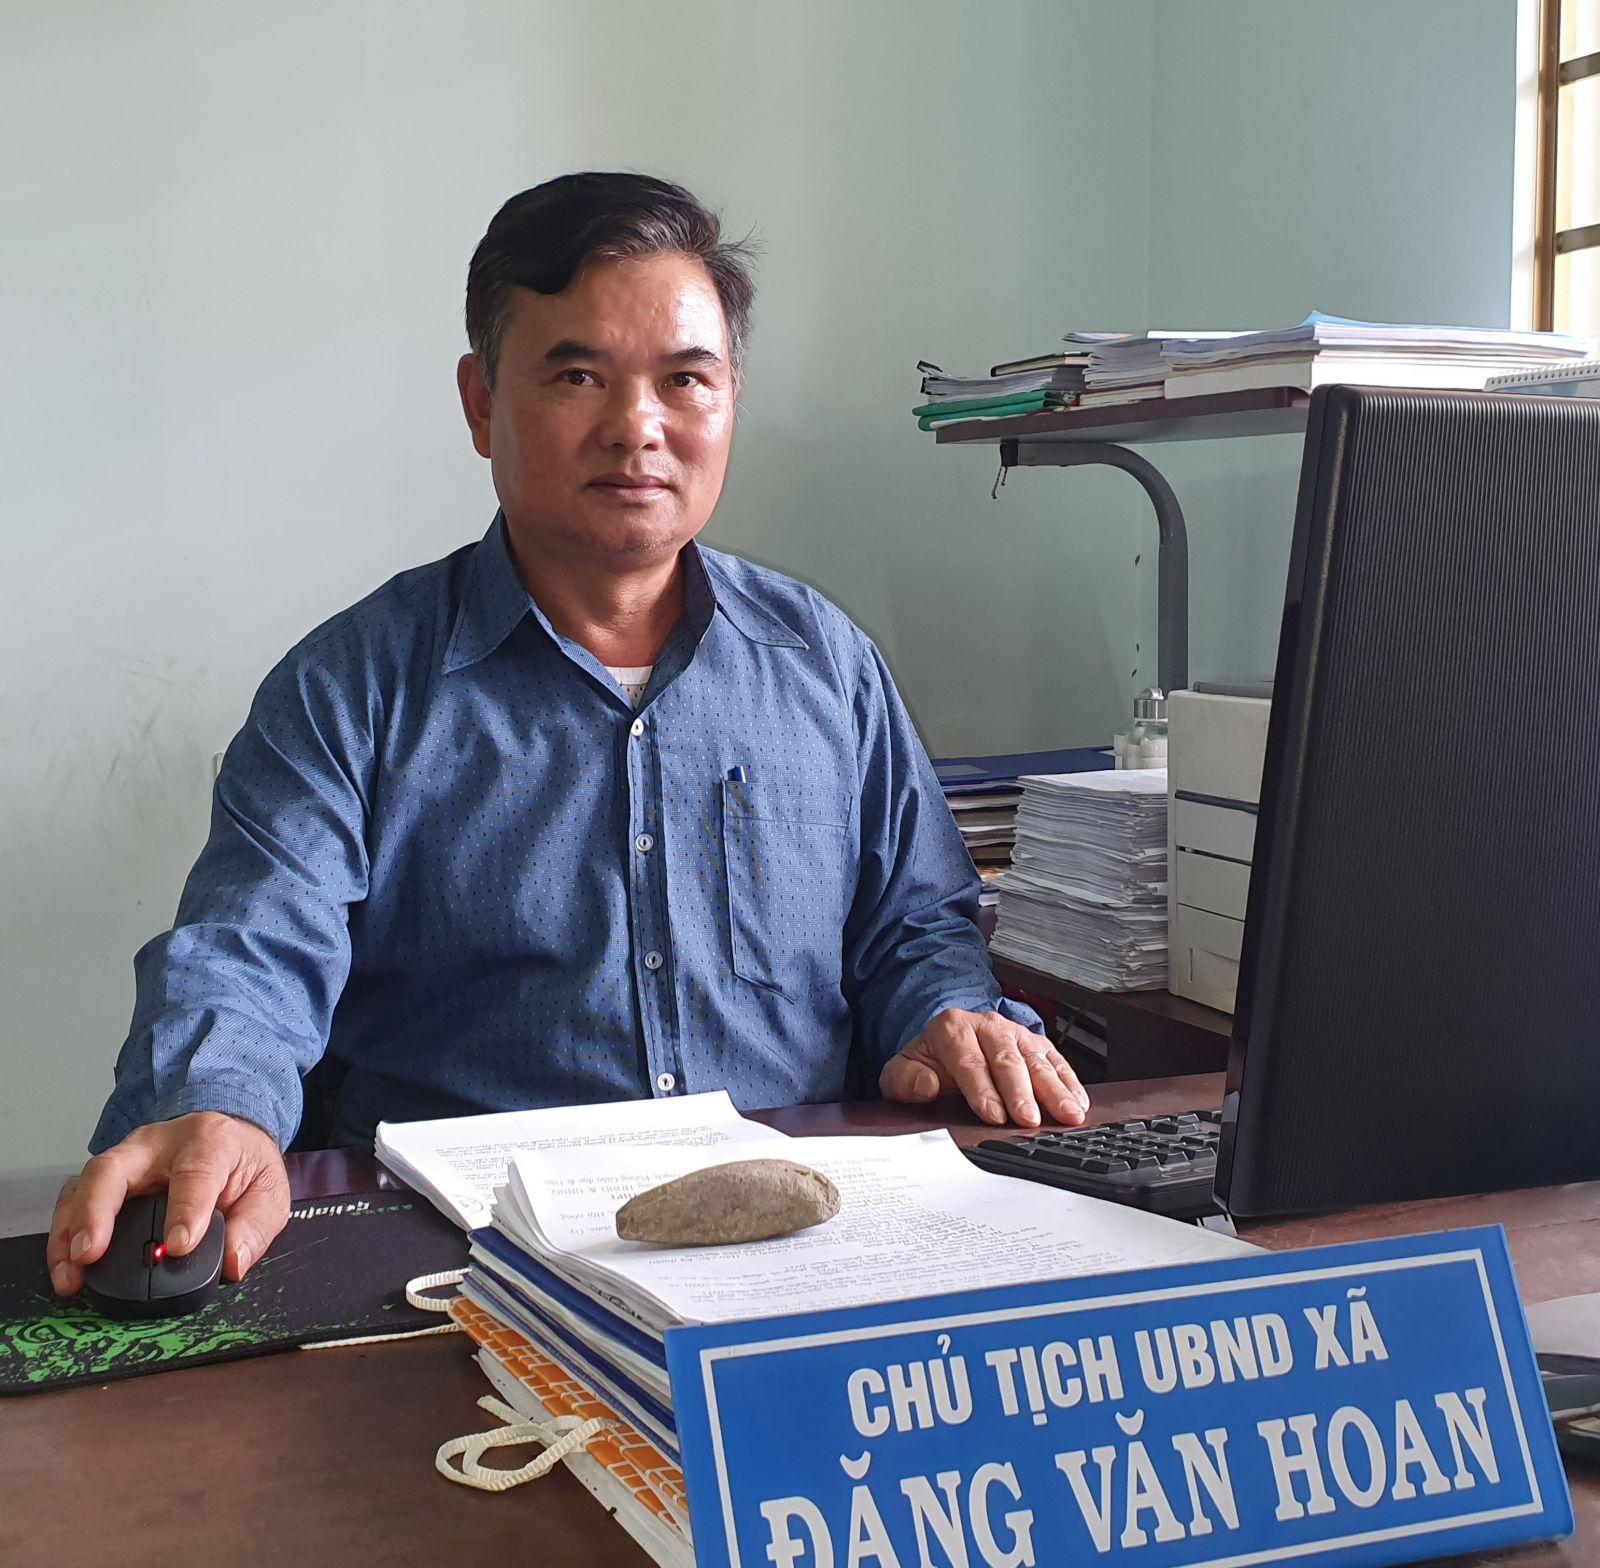 . Ông Đặng Văn Hoan, Phó bí thư Đảng ủy - Chủ tịch UBND xã Cư Suê, huyện Cư M'Gar, tỉnh Đắk Lắk